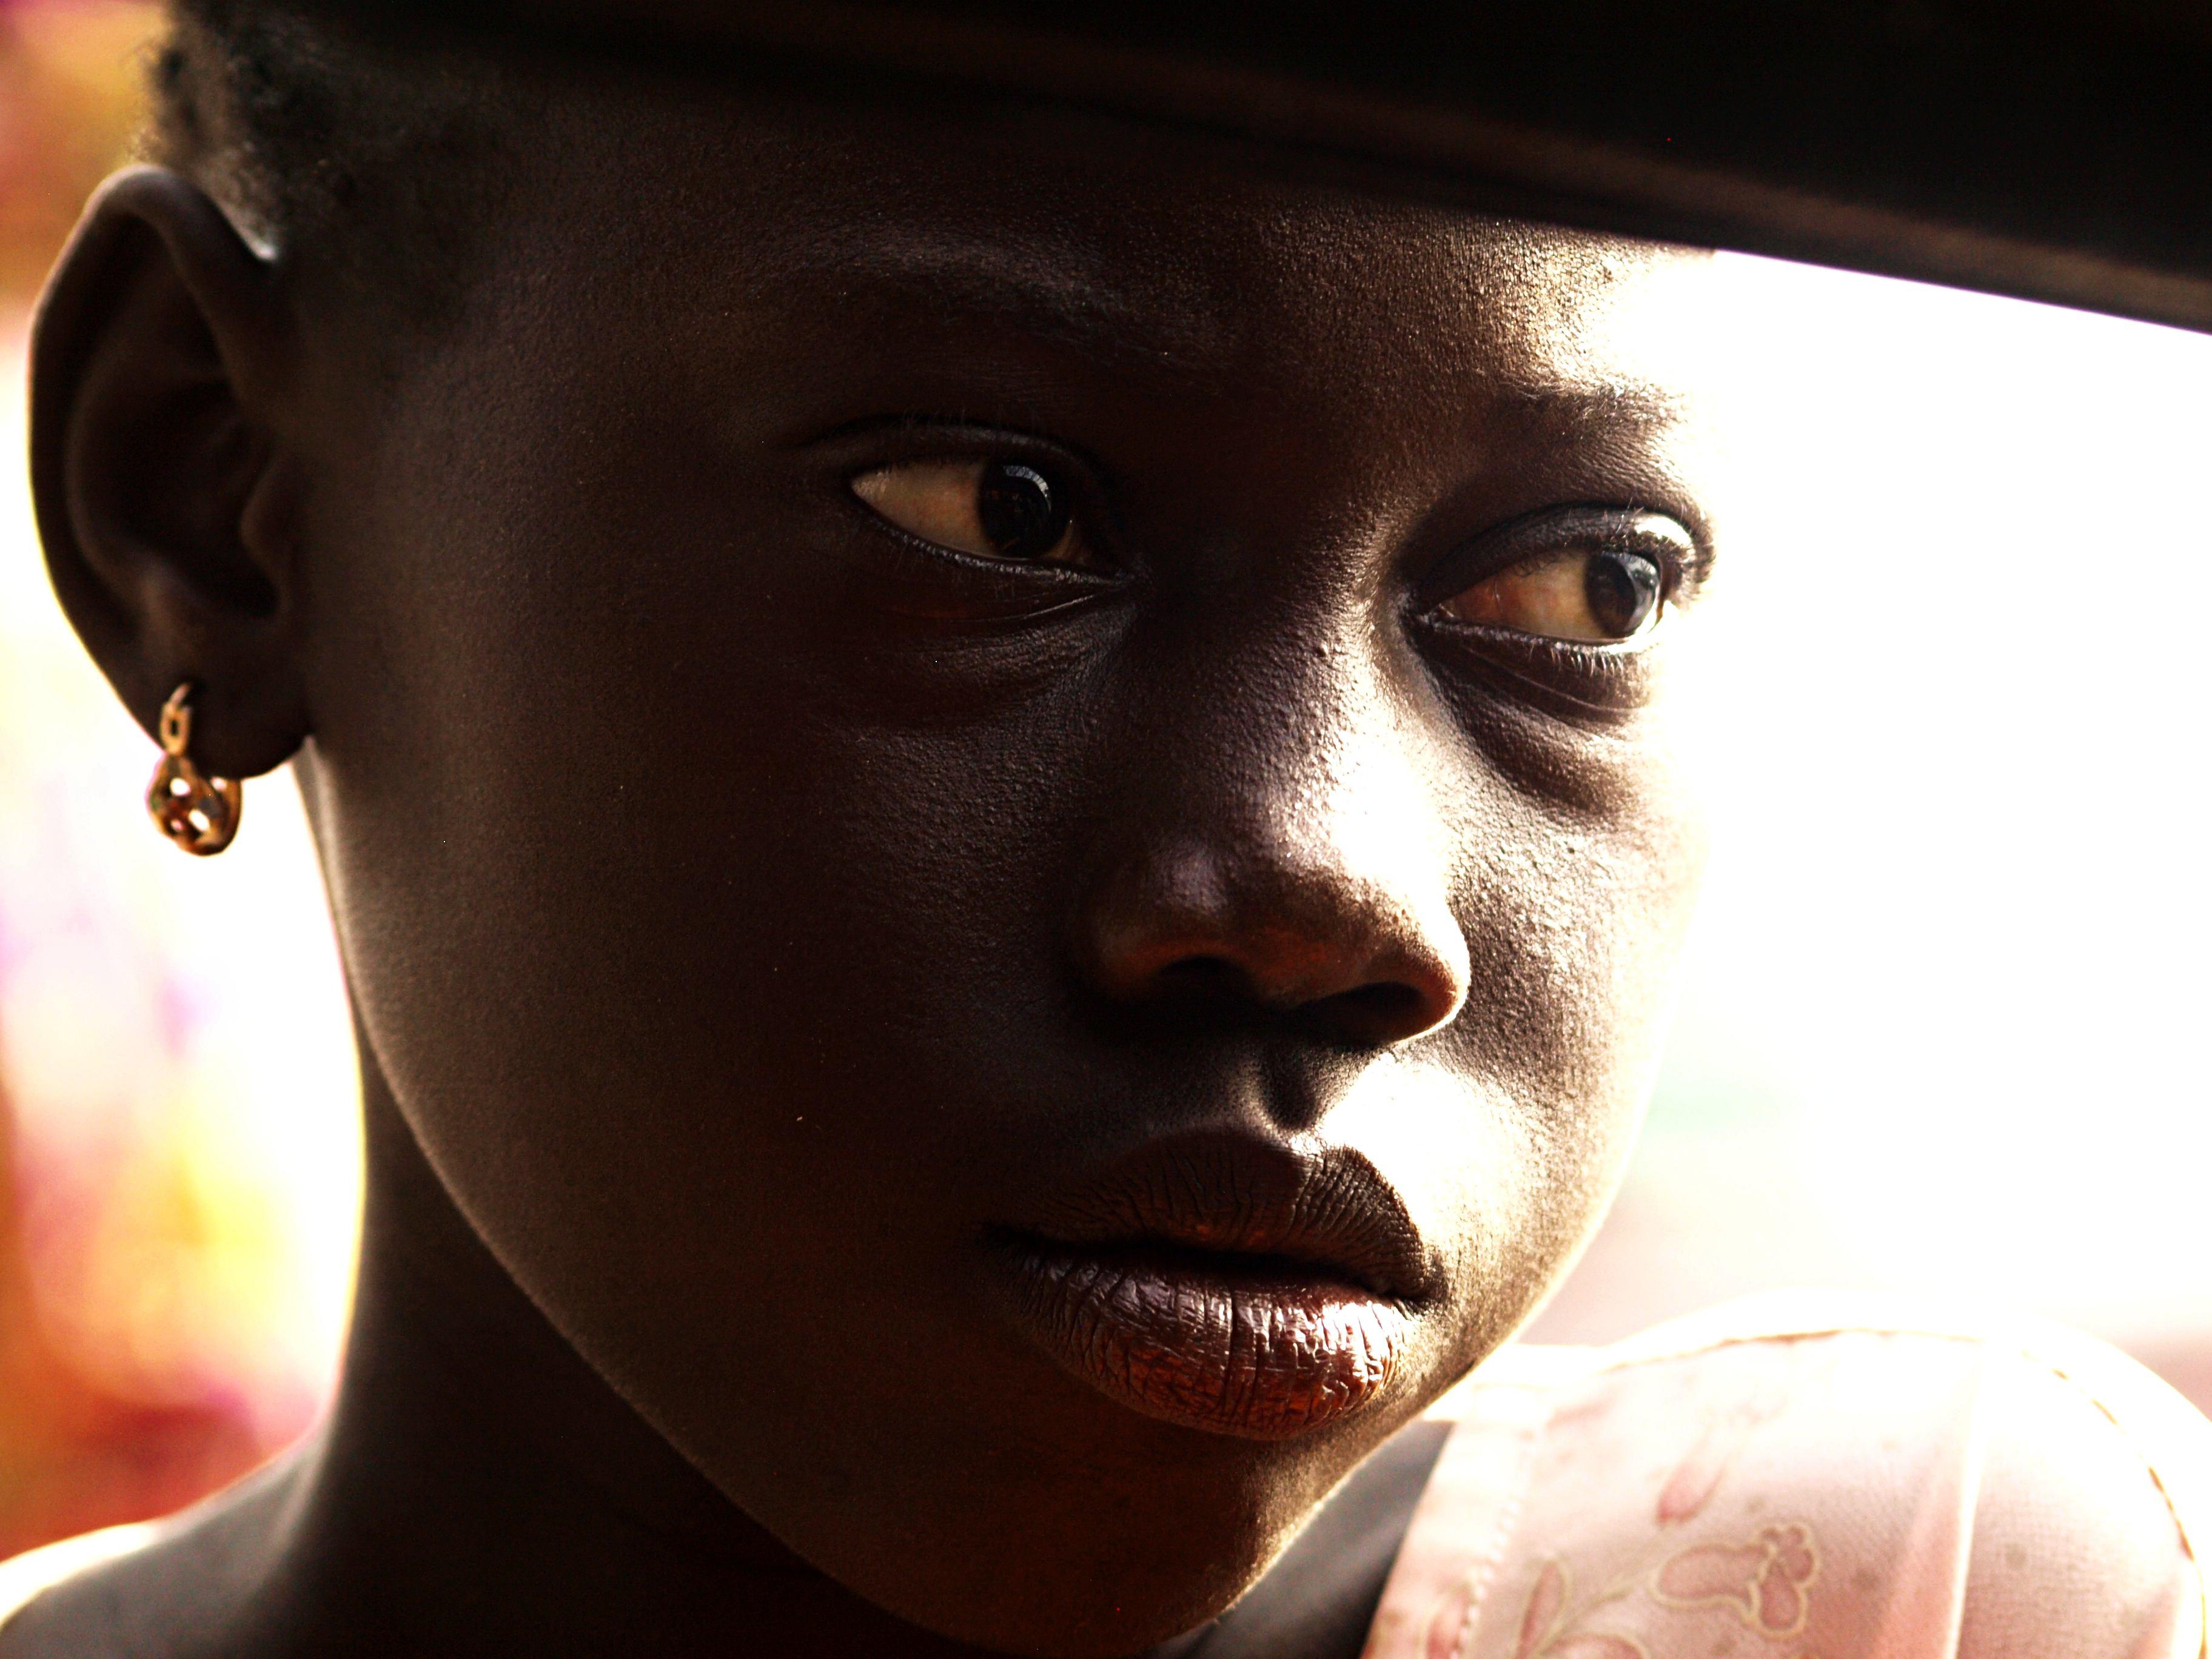 Una vendedora tras el cristal de la chapa en Senegal